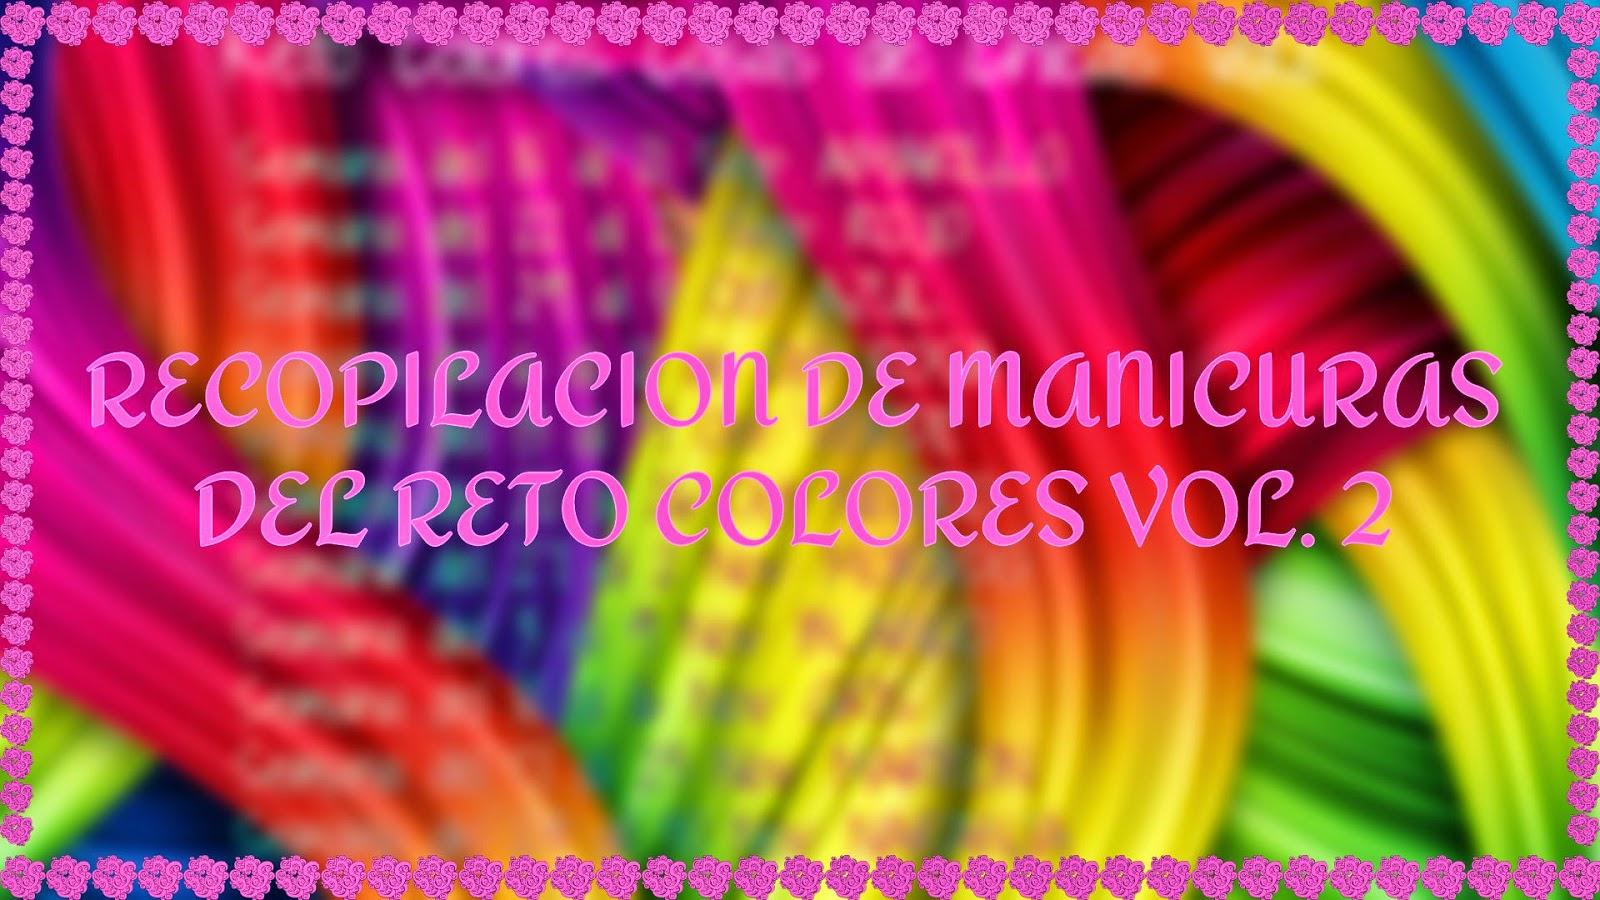 http://pinkturtlenails.blogspot.com.es/2014/12/recopilacion-de-manicuras-del-reto_2.html